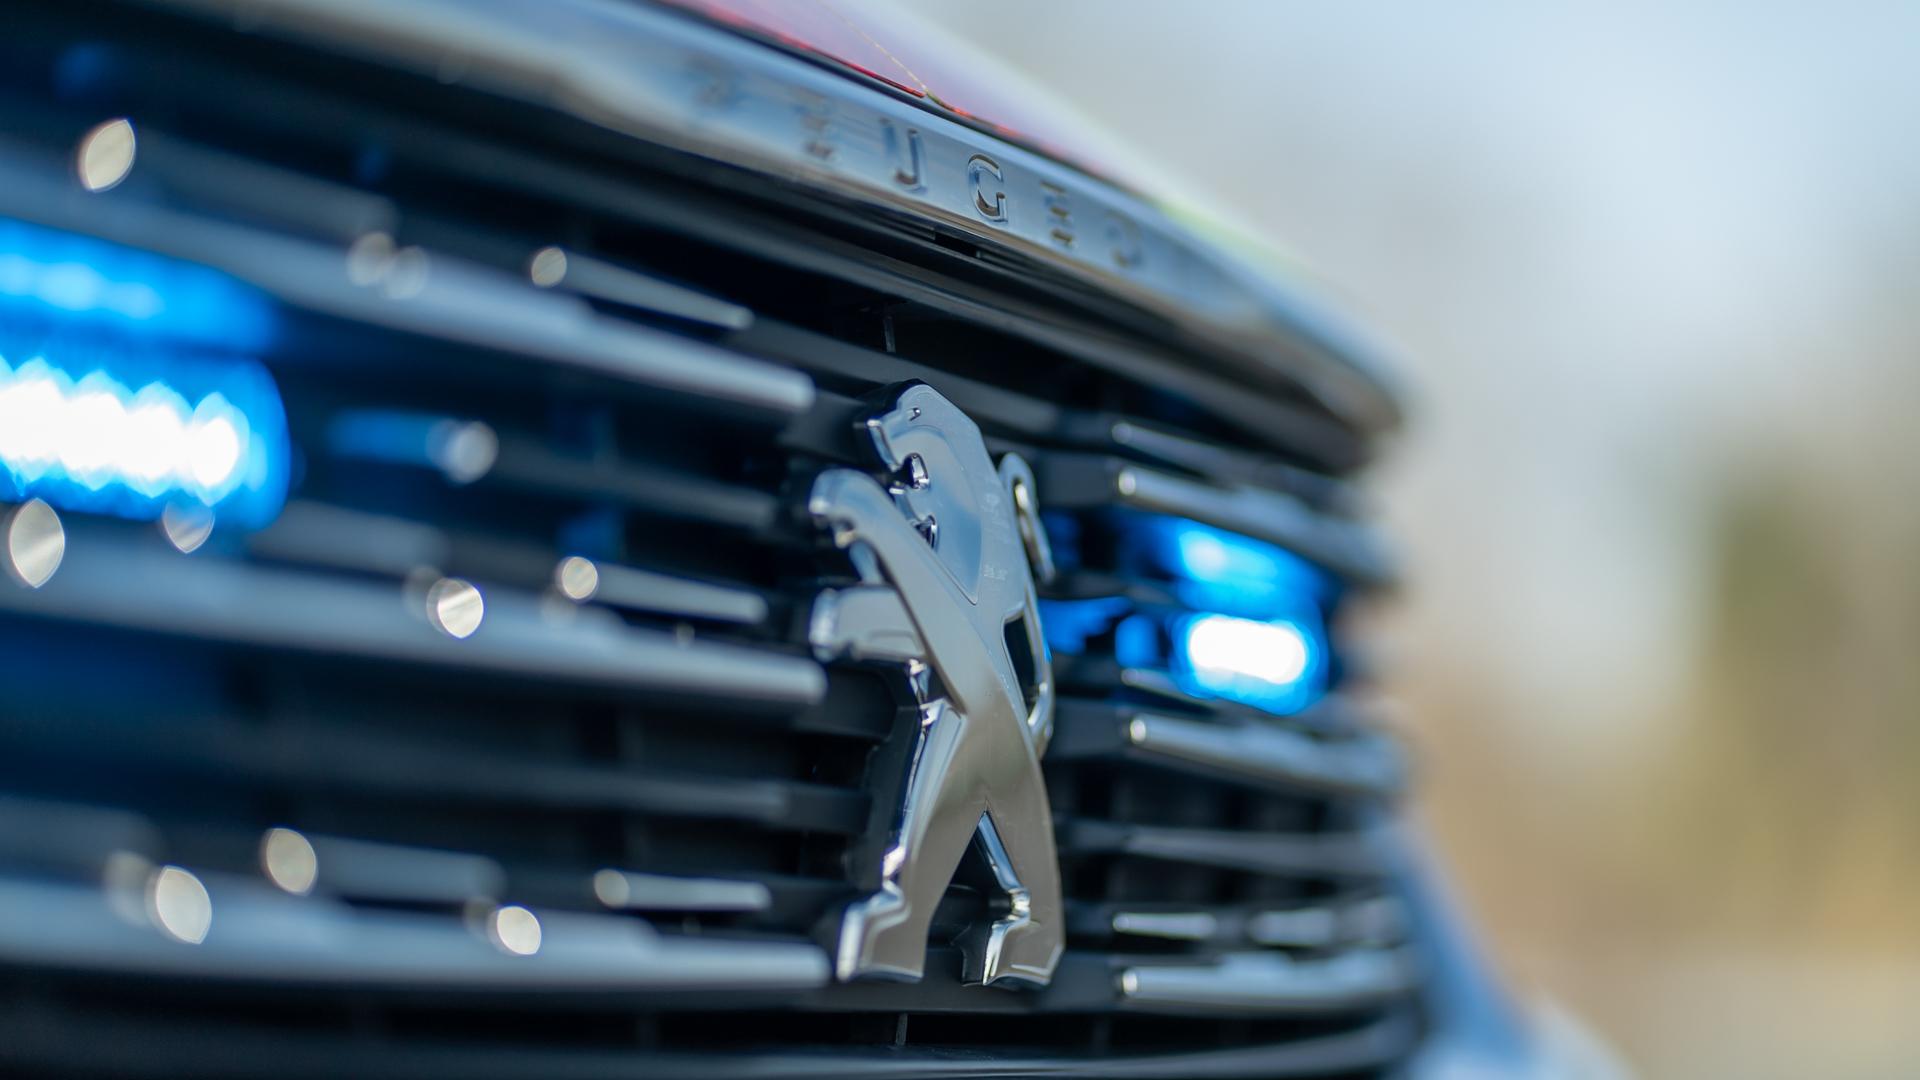 Με Peugeot 5008 θα κυκλοφορούν τα Σώματα Ασφαλείας στη Γαλλία